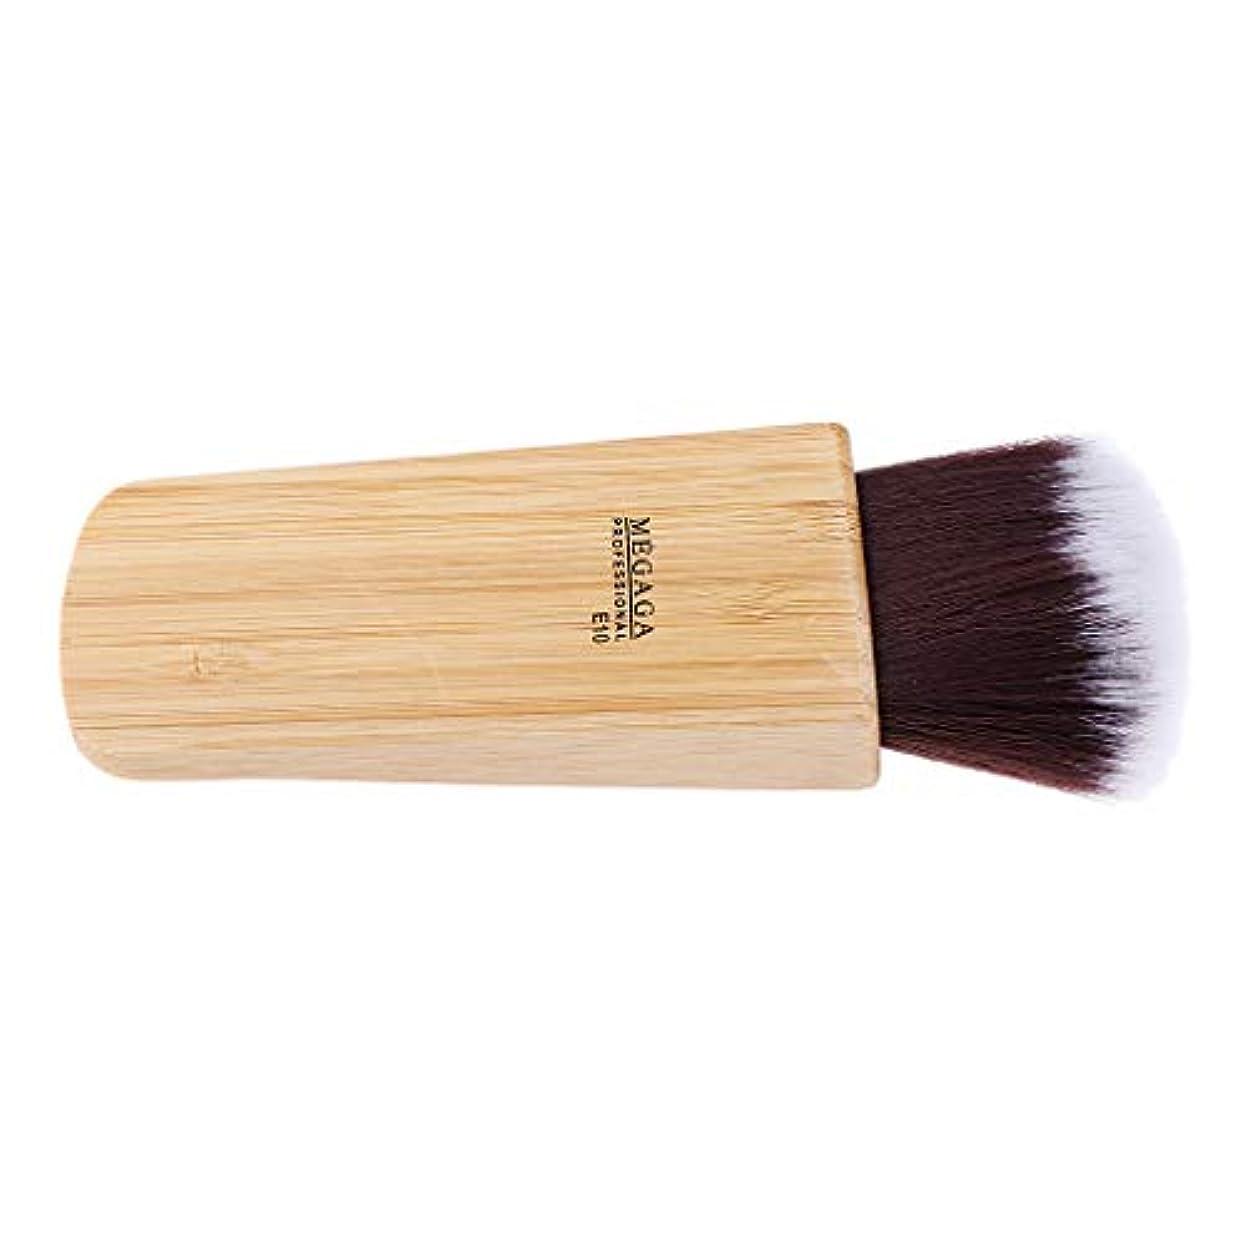 レオナルドダ熟達した発行するネックダスターブラシ ヘアカット ネックブラシ 洗浄 ヘアブラシ 理髪美容ツール